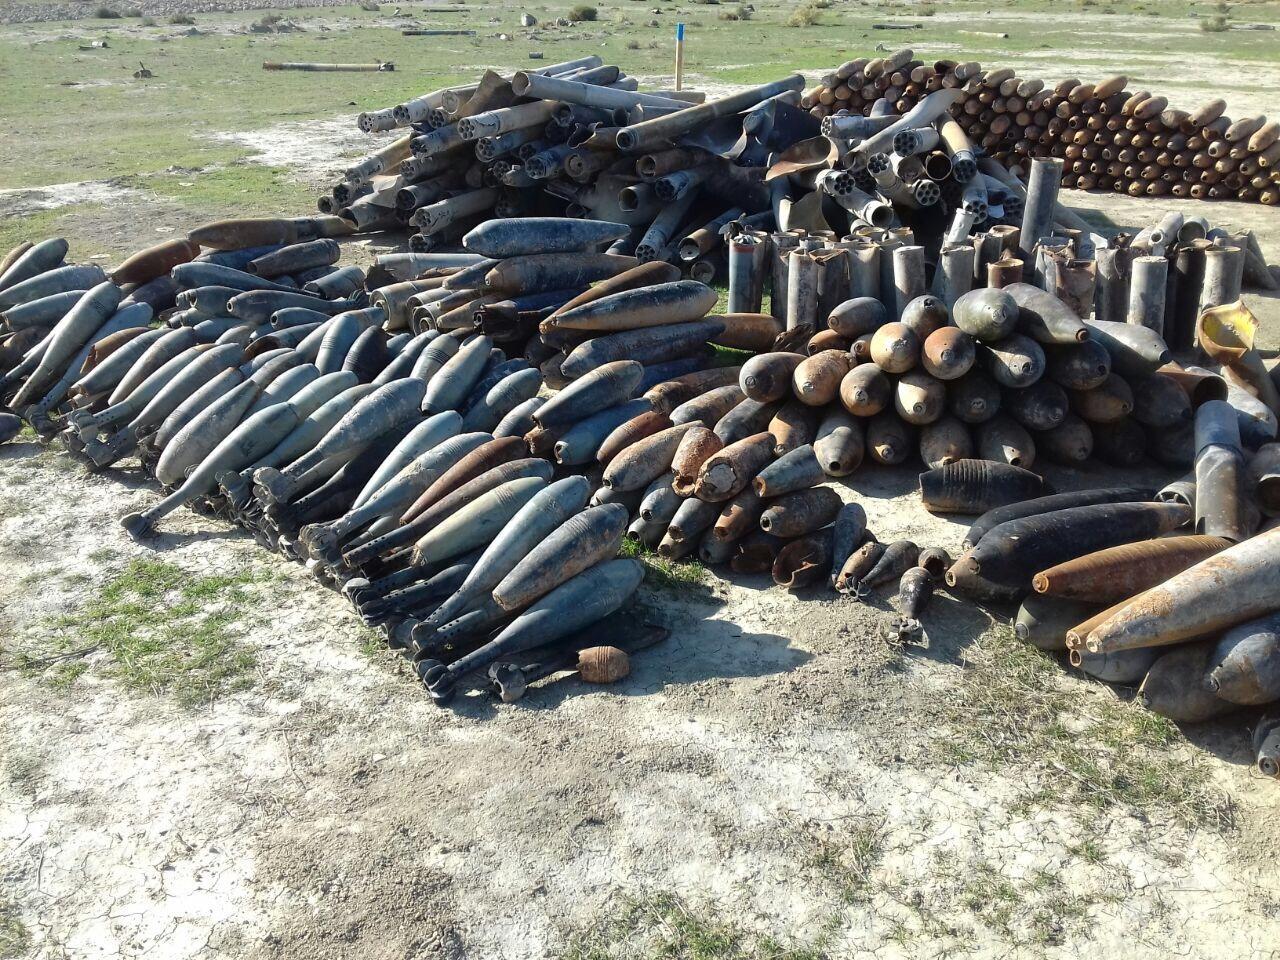 В Хызы обнаружено 176 единиц невзорвавшихся боеприпасов